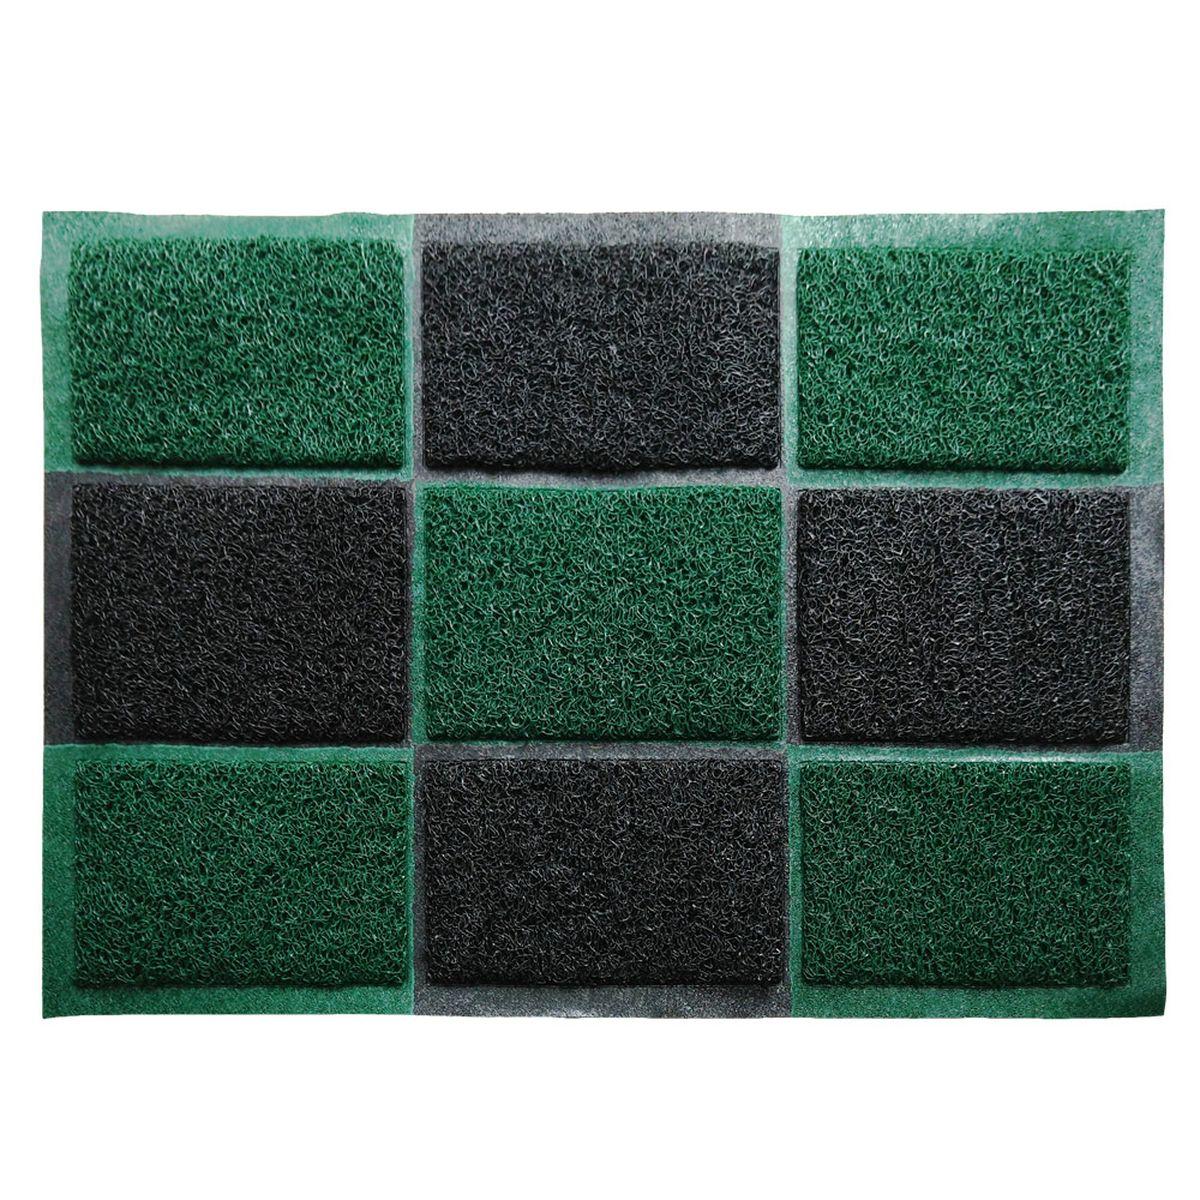 Коврик придверный Vortex, пористый, цвет: черный, зеленый, 40 х 60 см придверный коврик vortex пористый коврик с надписью vortex серый 40×60 см